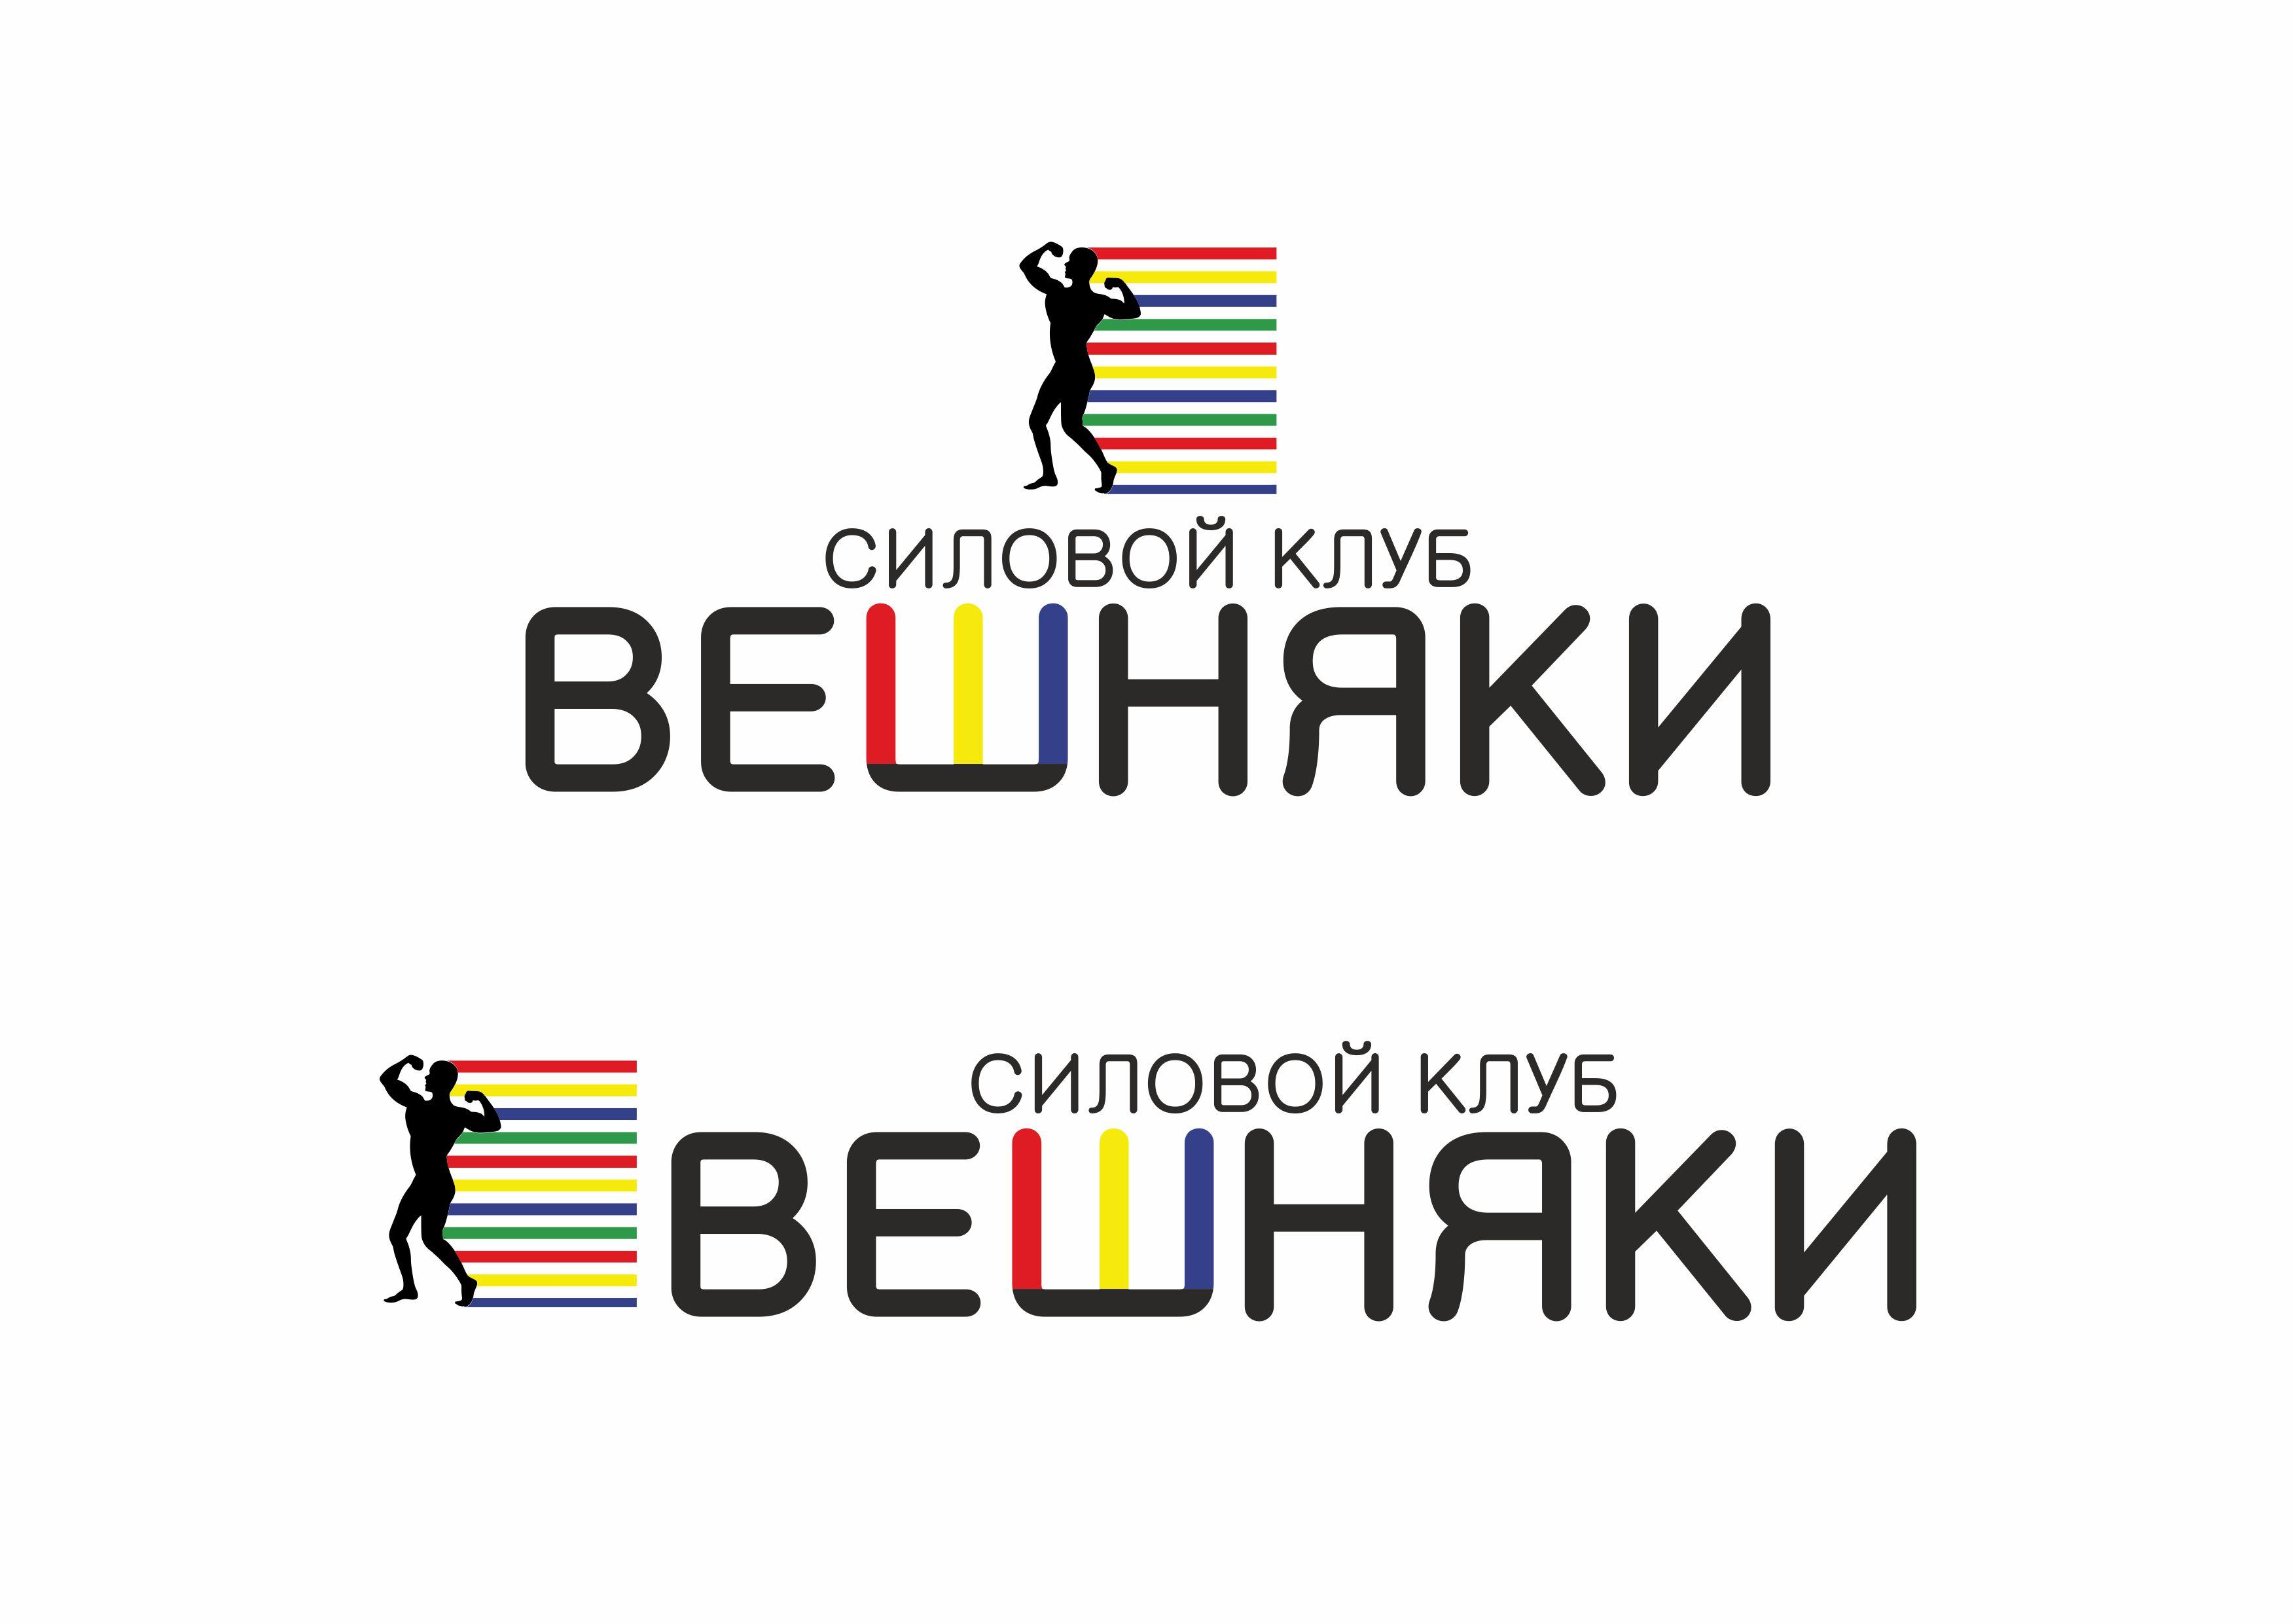 Адаптация (разработка) логотипа Силового клуба ВЕШНЯКИ в инт фото f_6985fbd47e216d8d.jpg